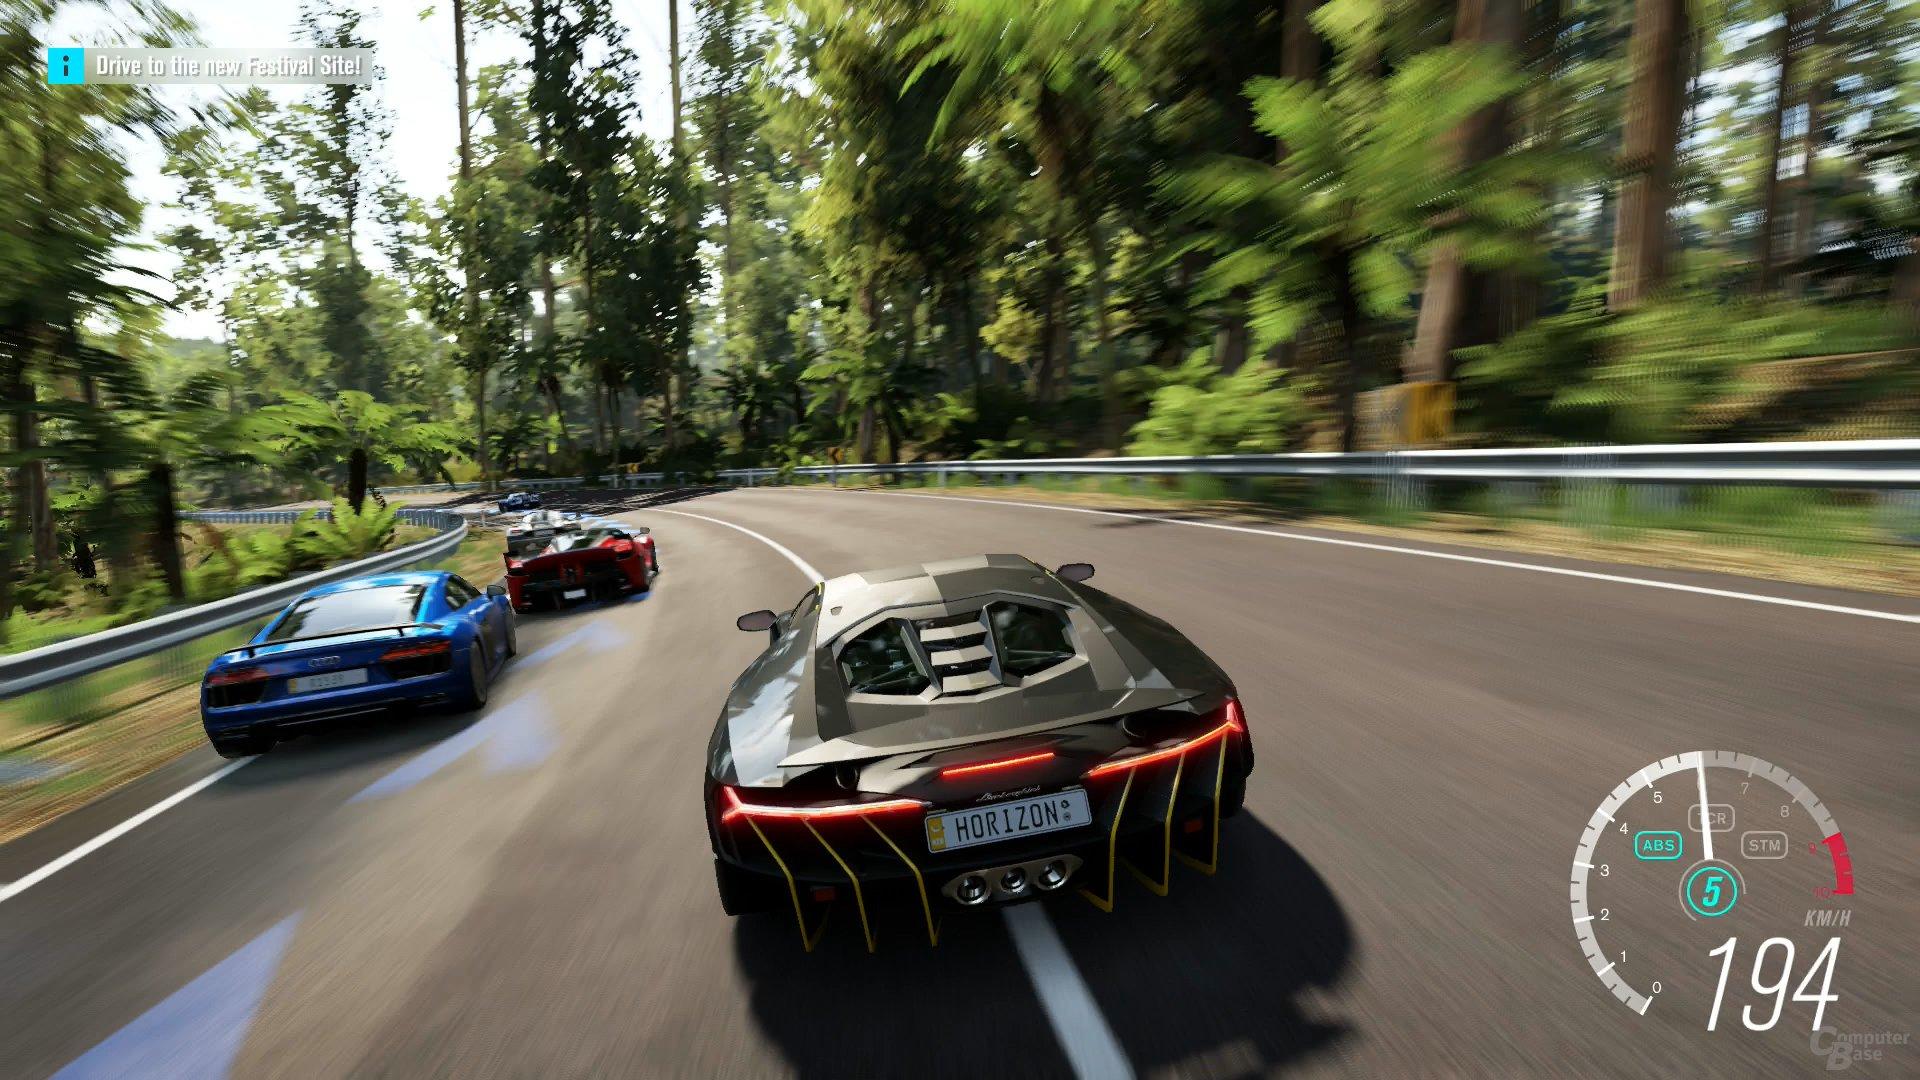 """Flotte Fahrzeuge vor beeindruckender Kulisse: Die """"Basics"""" stimmen"""